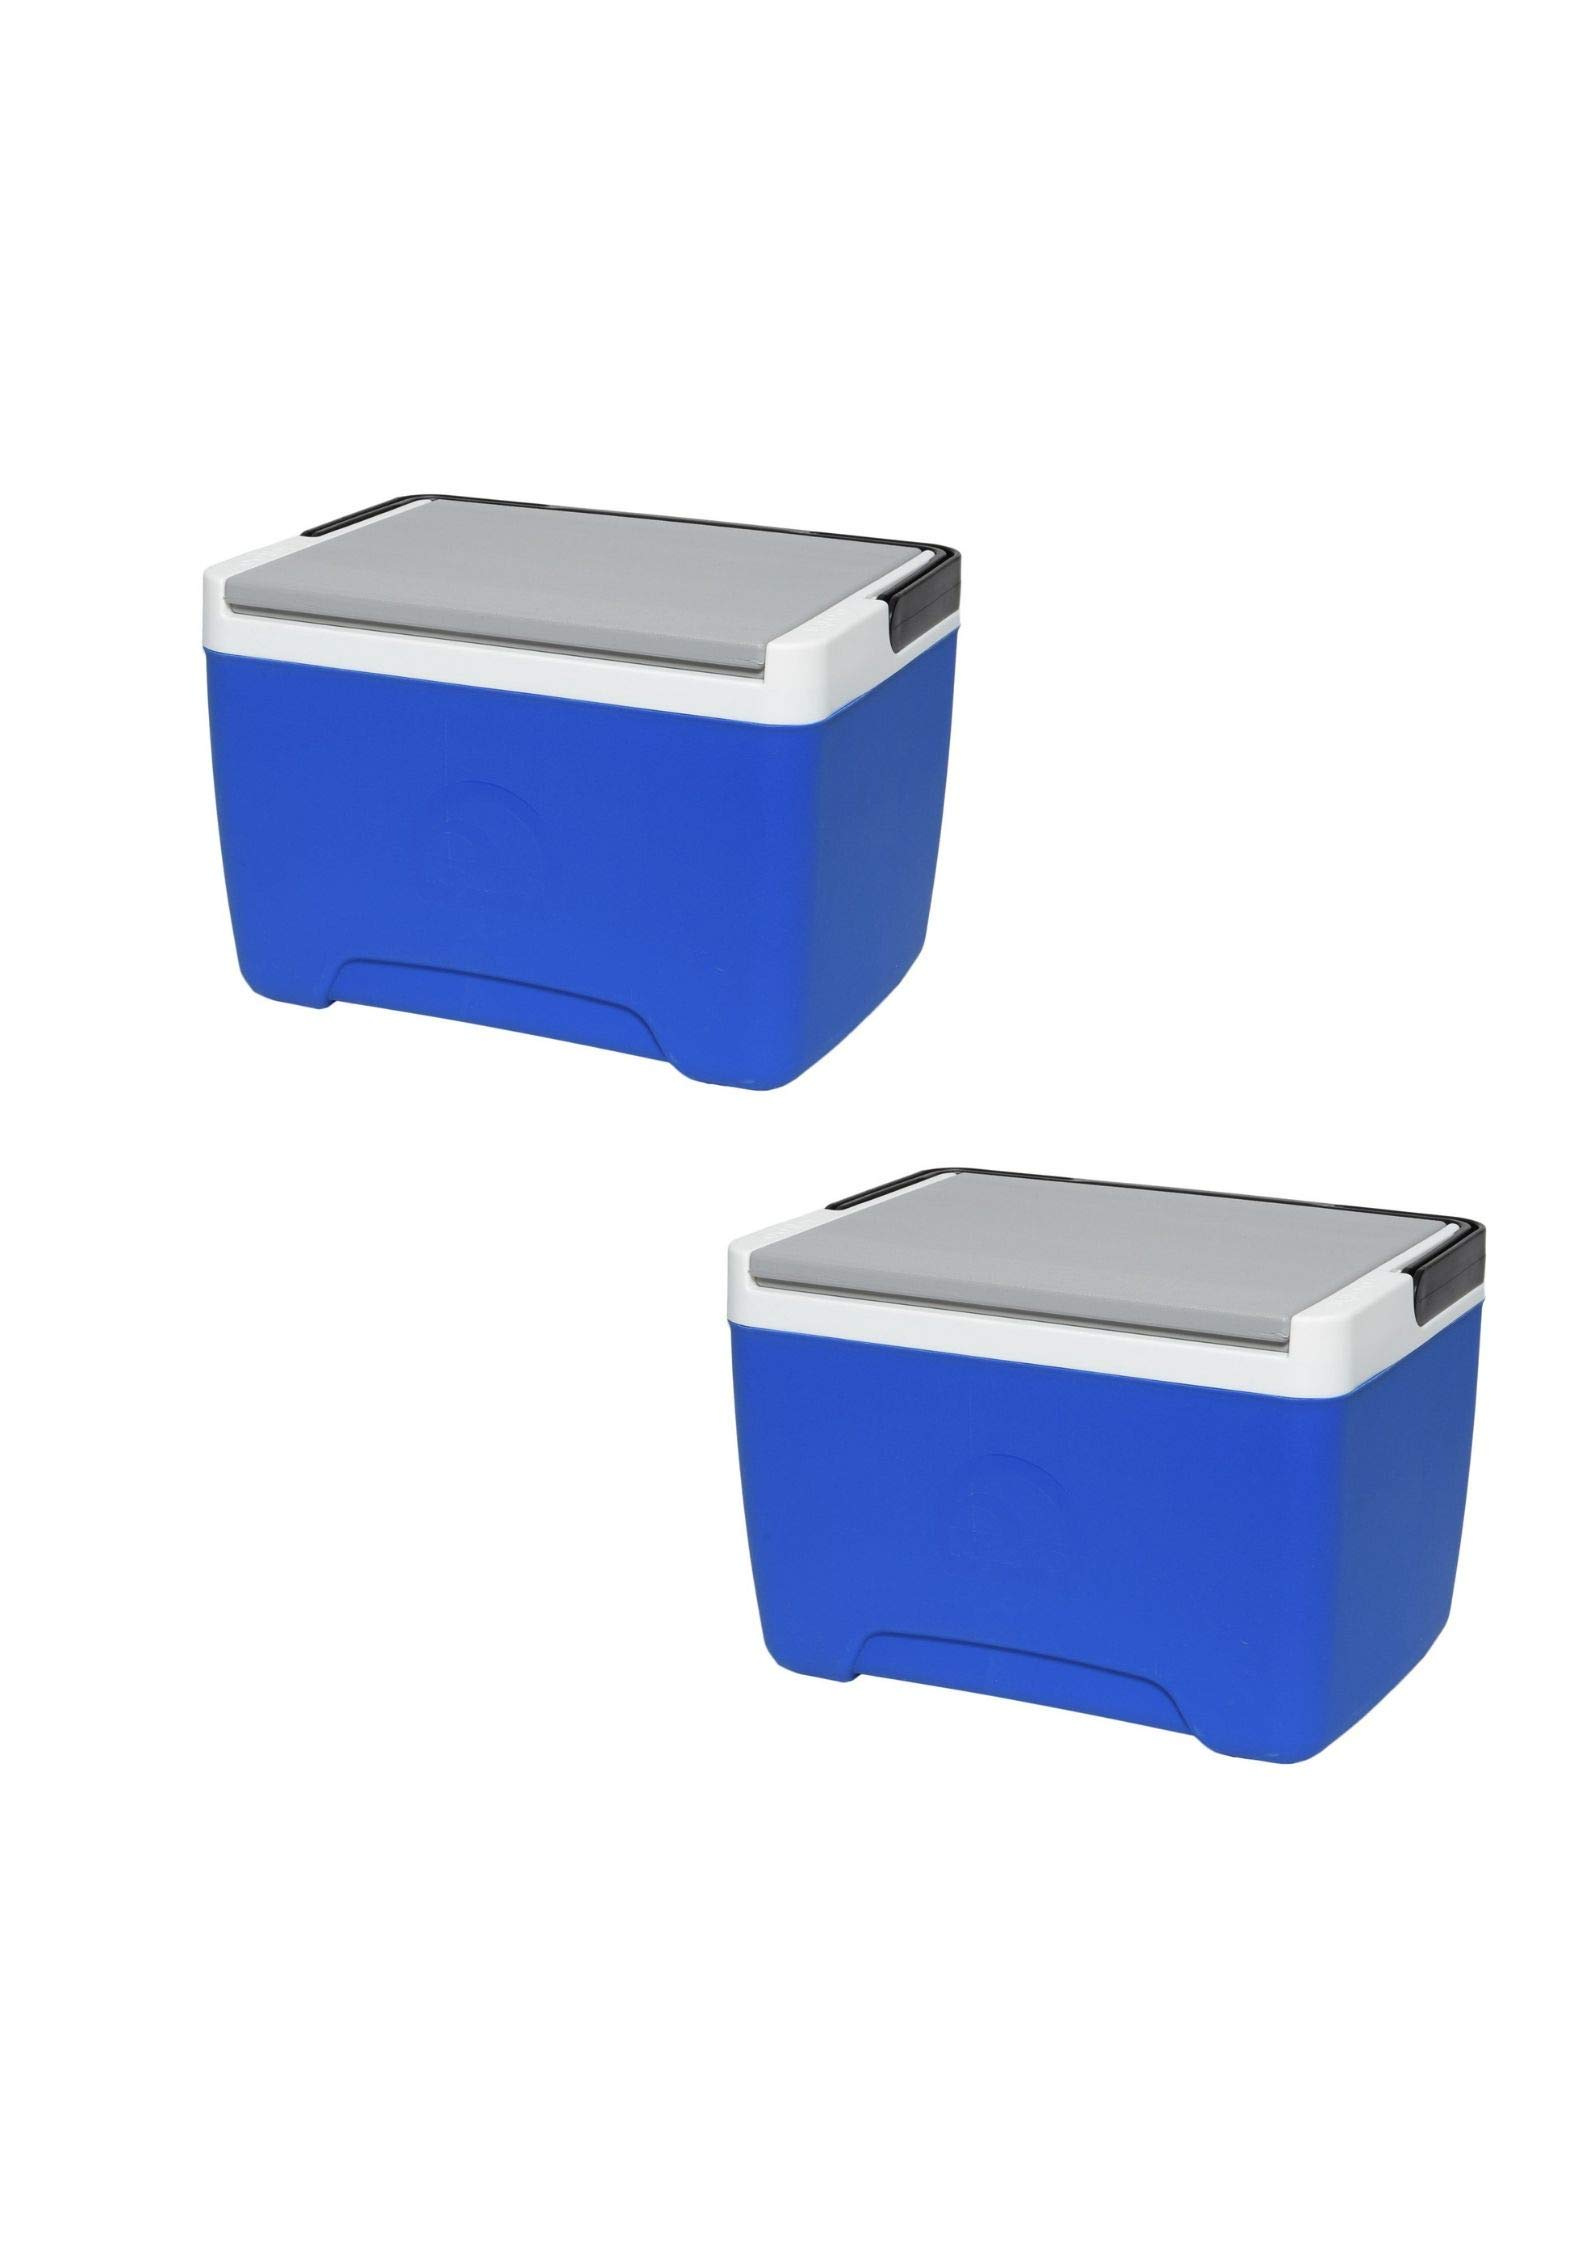 Igloo Island Breeze 9-Quart Cooler (2 Pack,Majestic Blue/Ash Gray/Black)